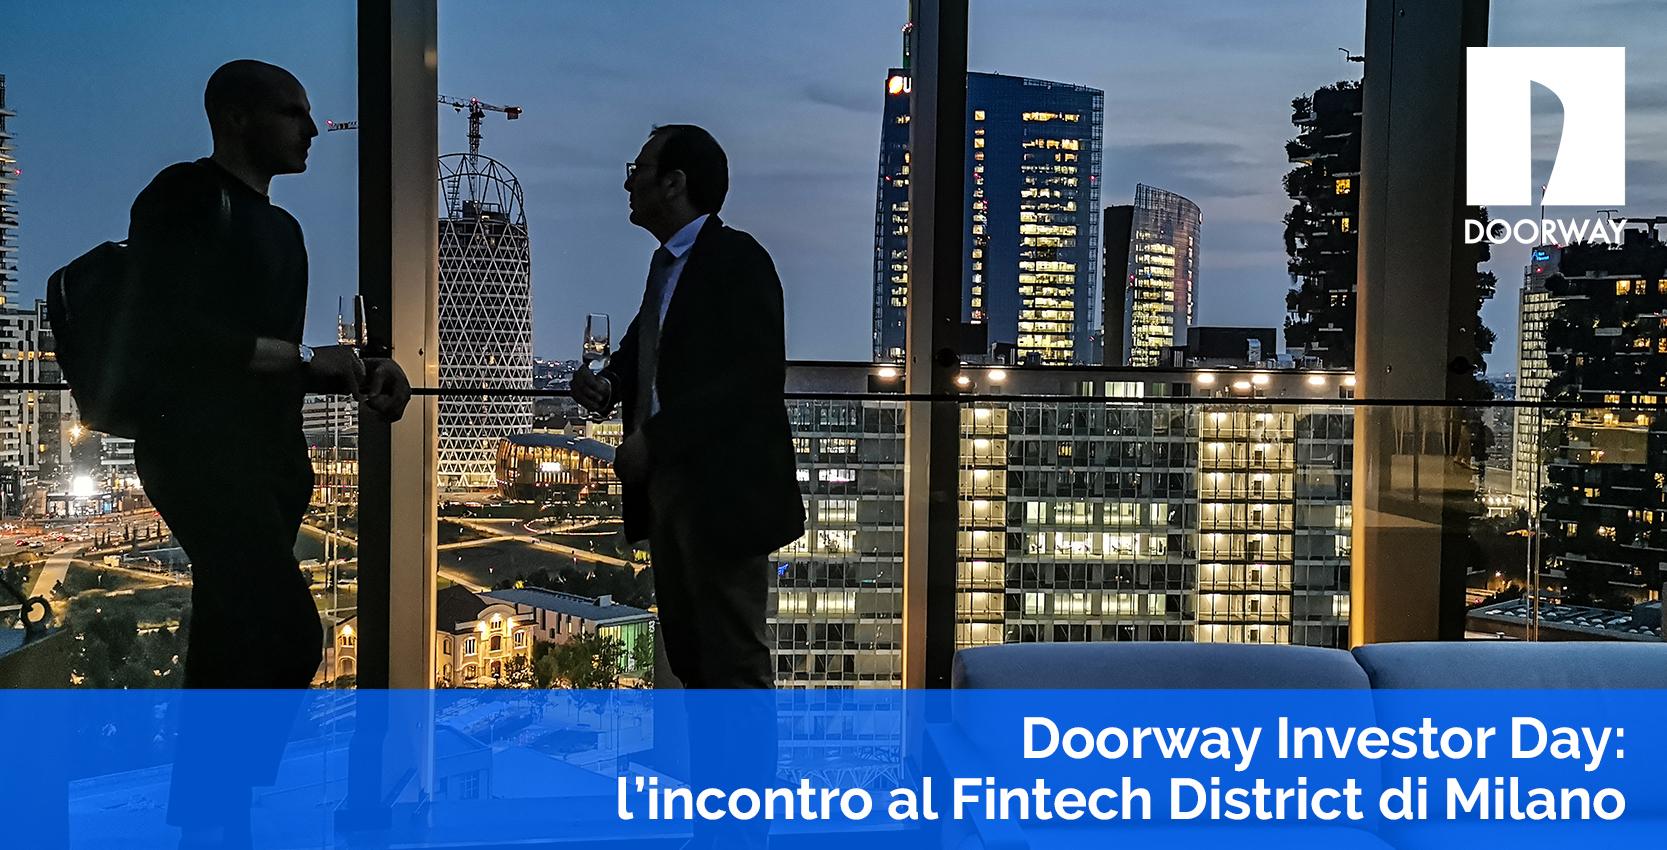 Doorway Investor Day: l'incontro al FIntech District di Milano